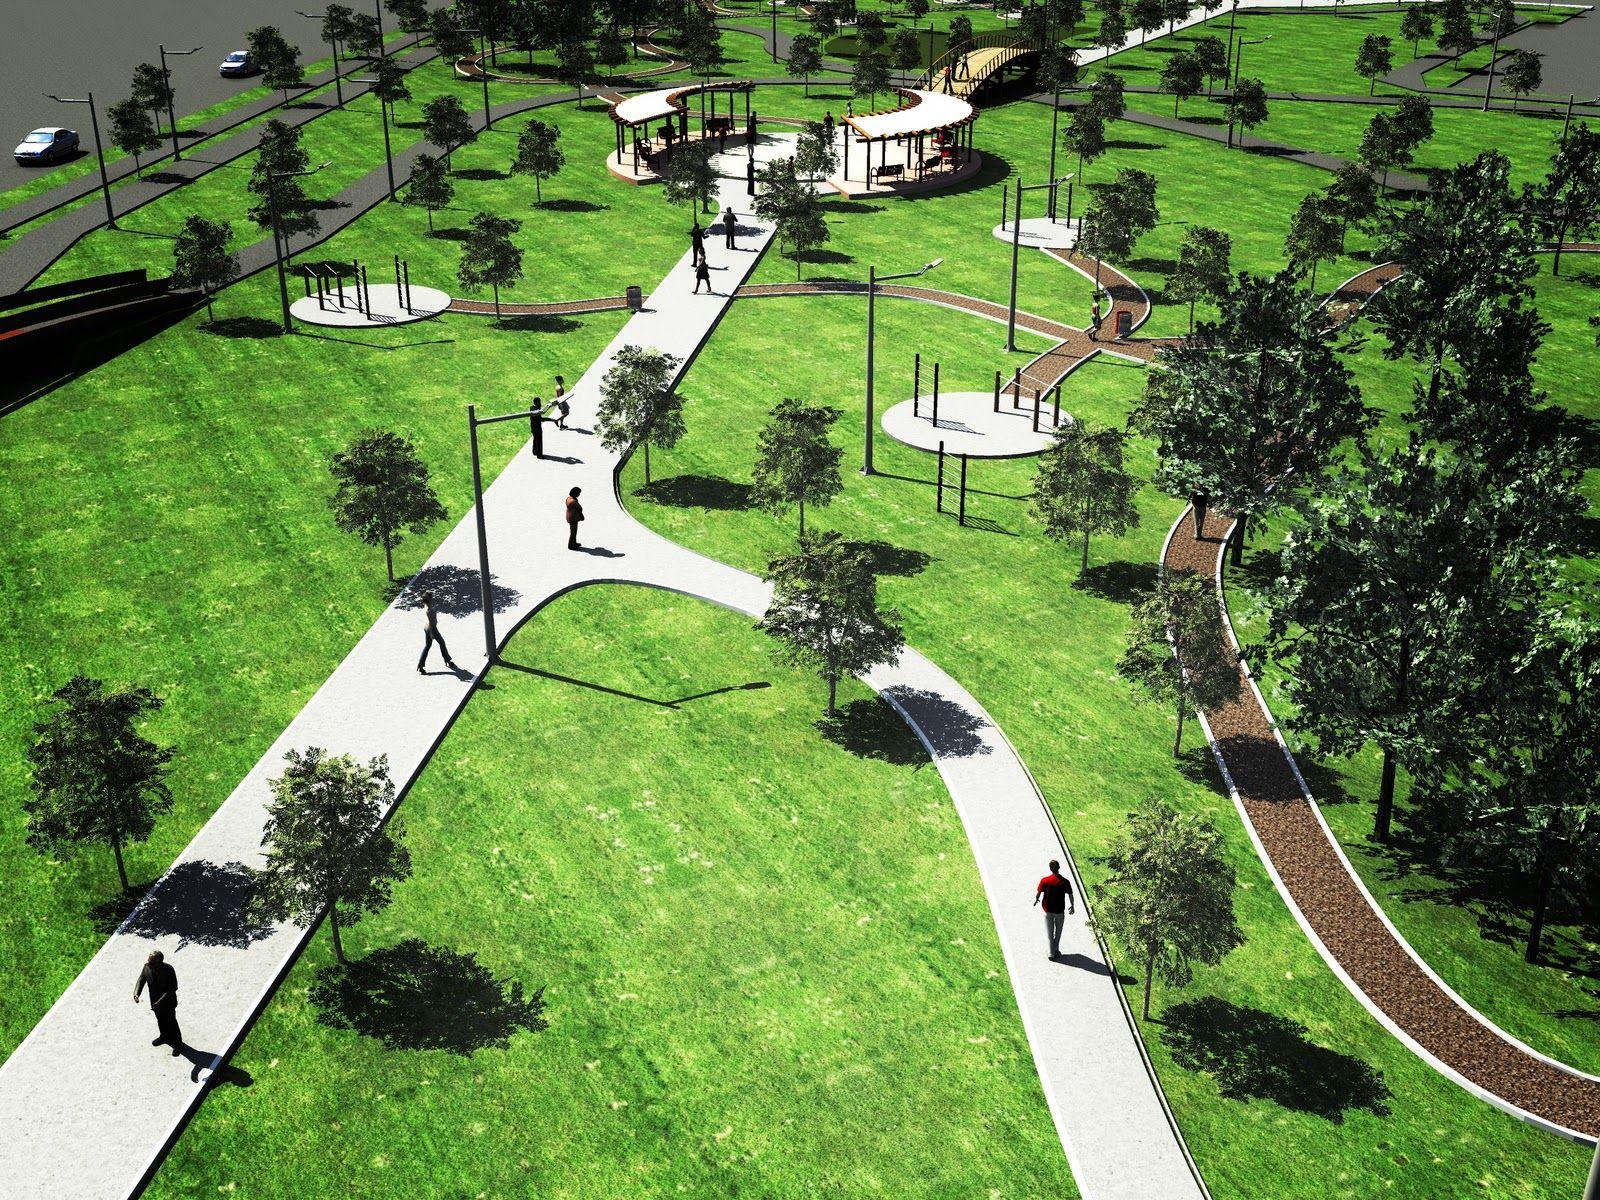 proyecto lambda dise o de parque urbano en reynosa